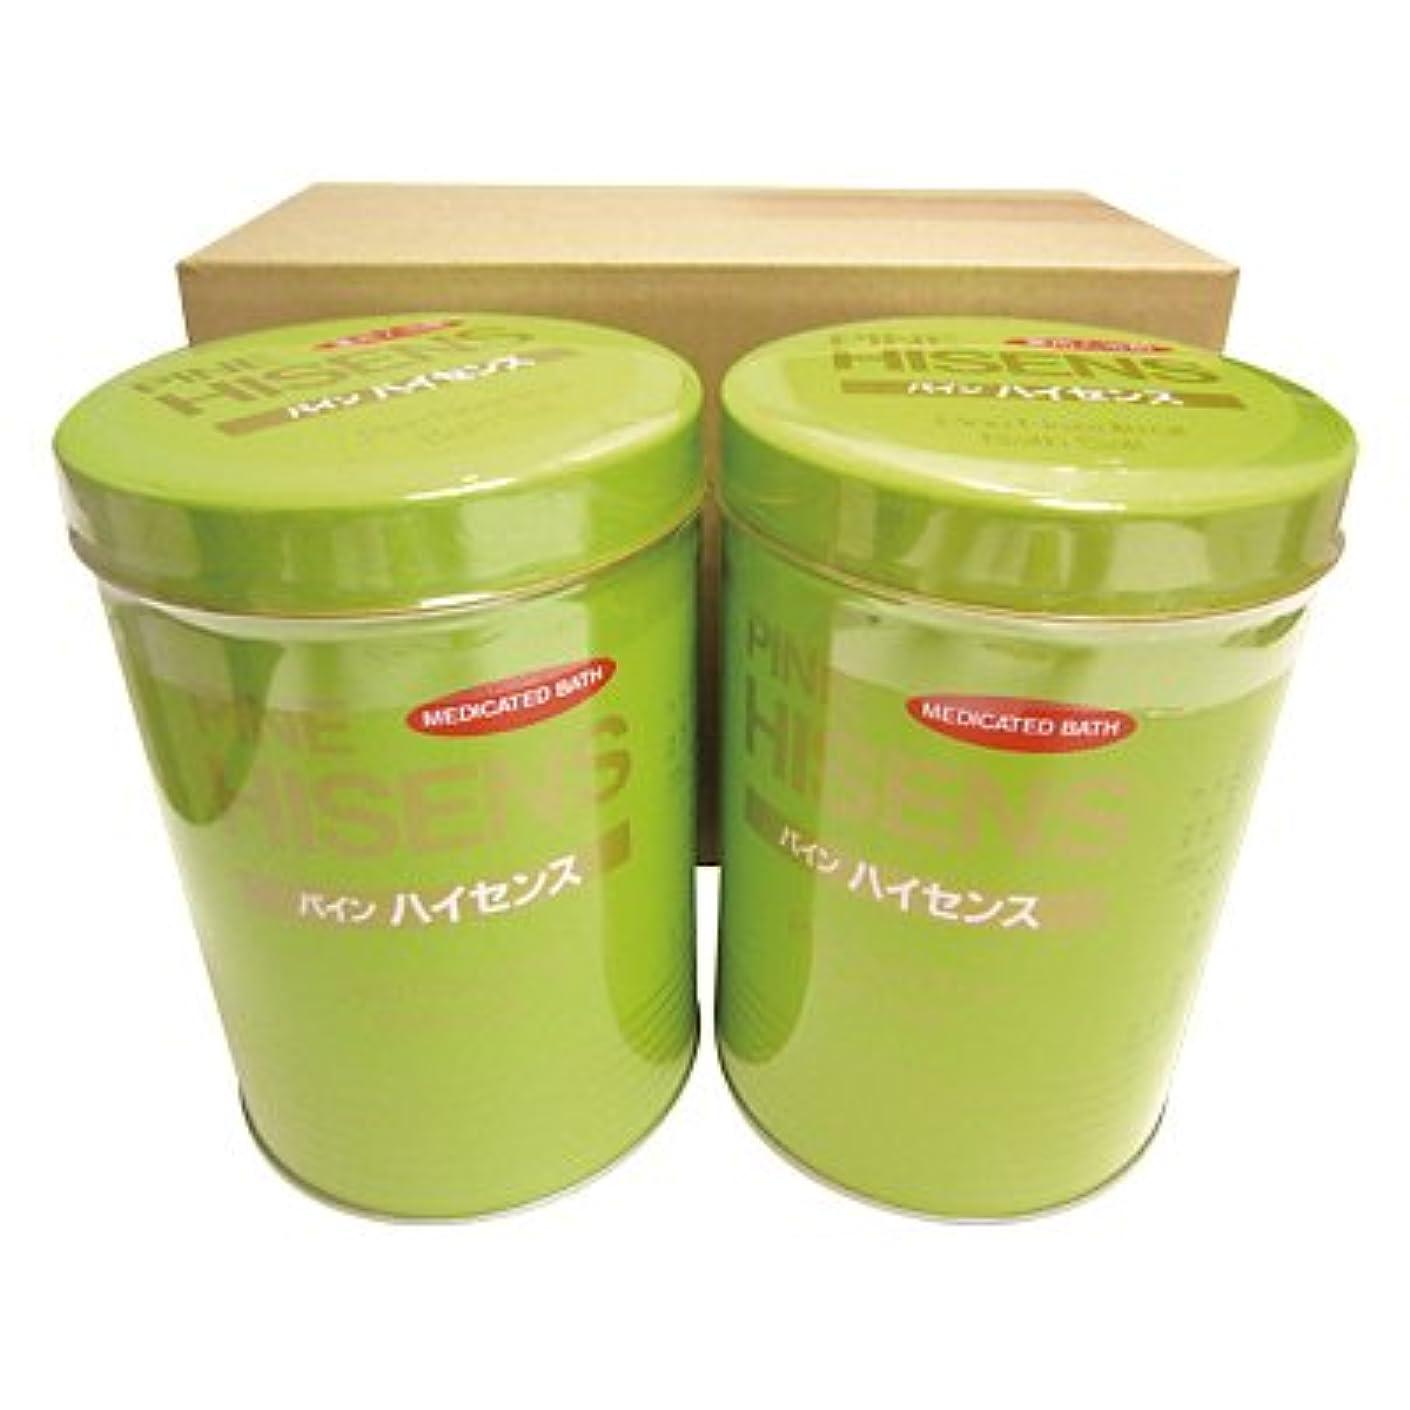 肺炎肌飛行機高陽社 薬用入浴剤 パインハイセンス 2.1kg 2缶セット